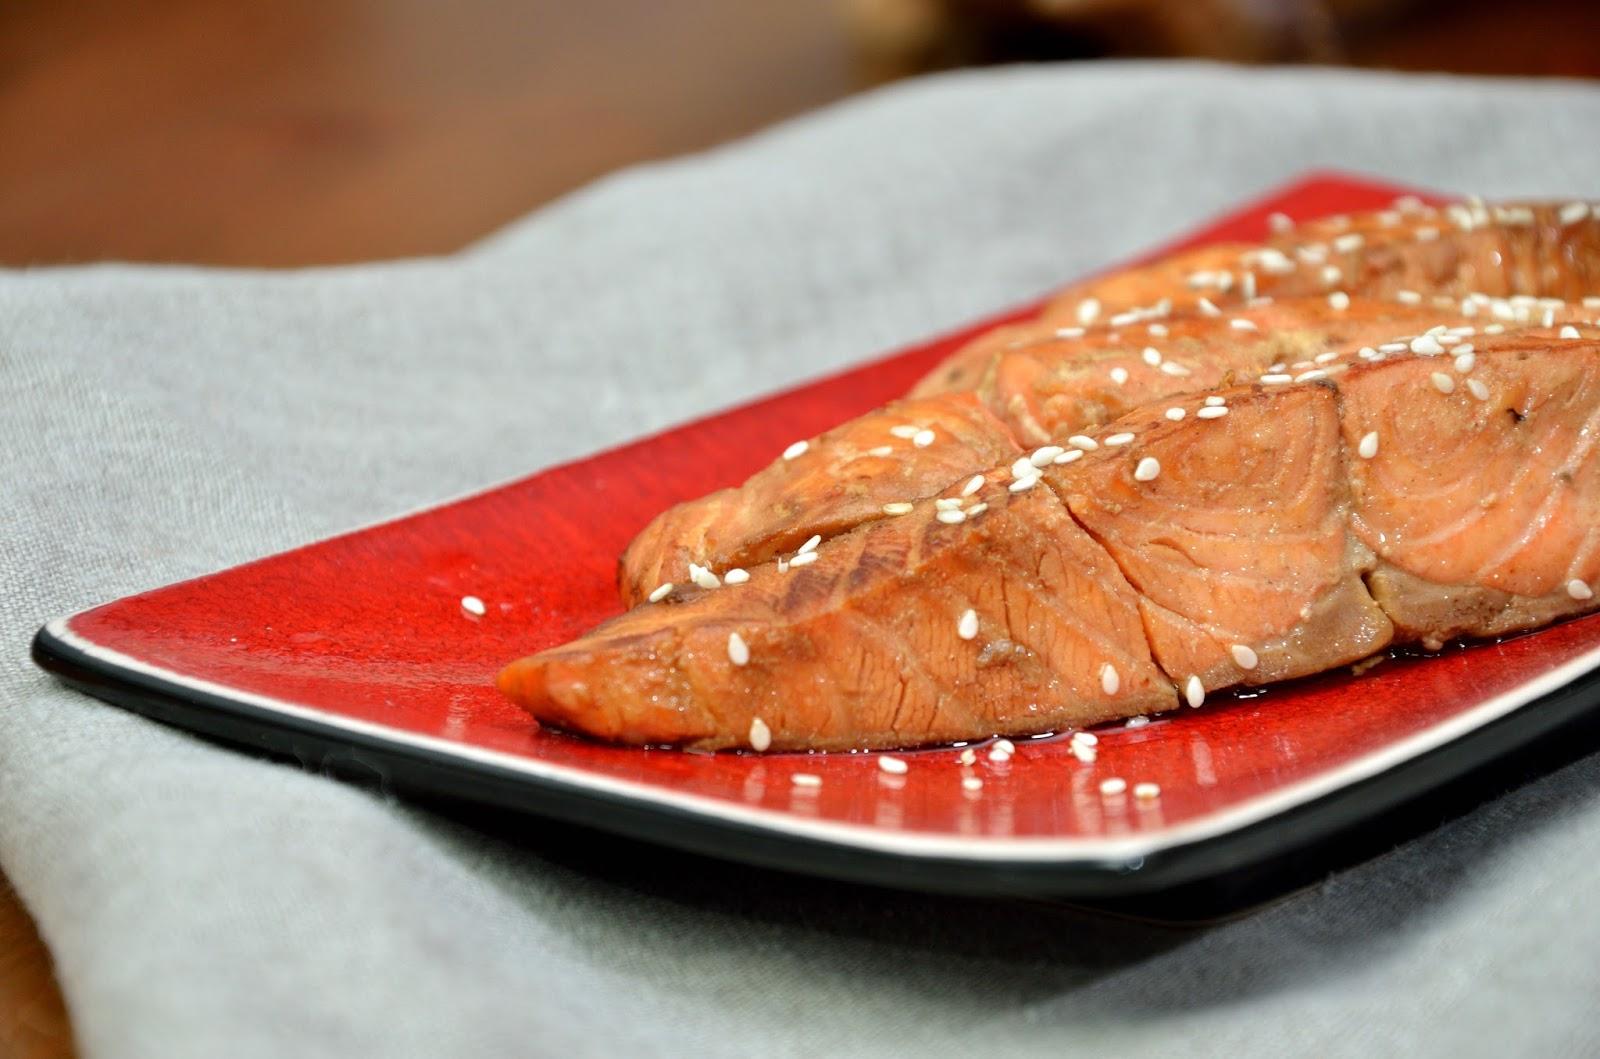 Łosoś smażony, marynowany w sosie sojowym, miodzie i oleju sezamowym